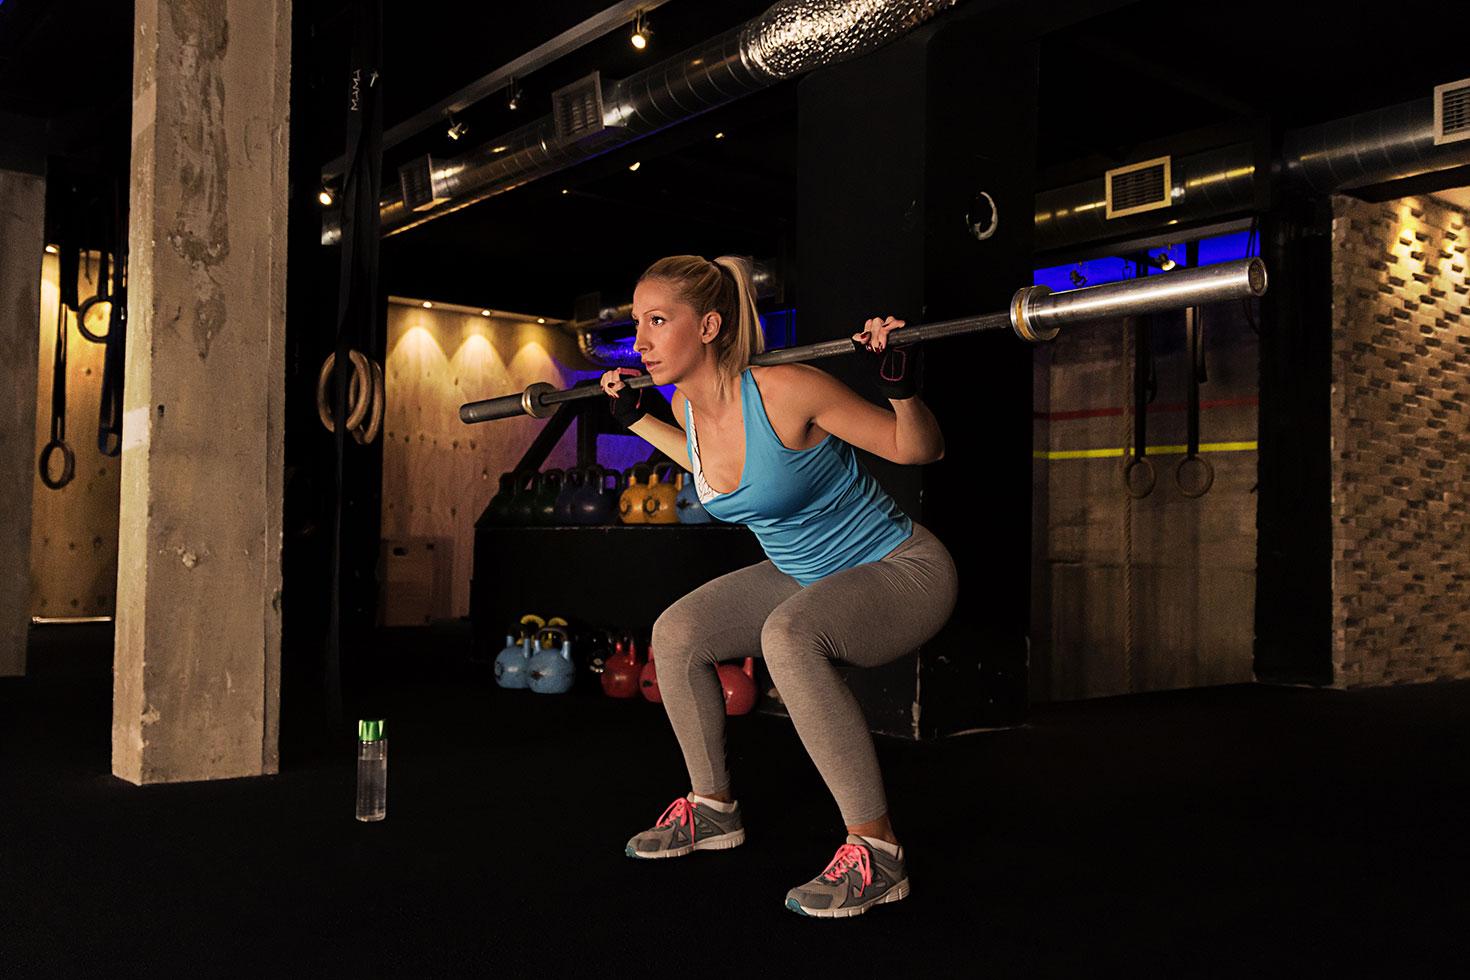 Тренировка на заднюю поверхность бедра девушки в тренажерном